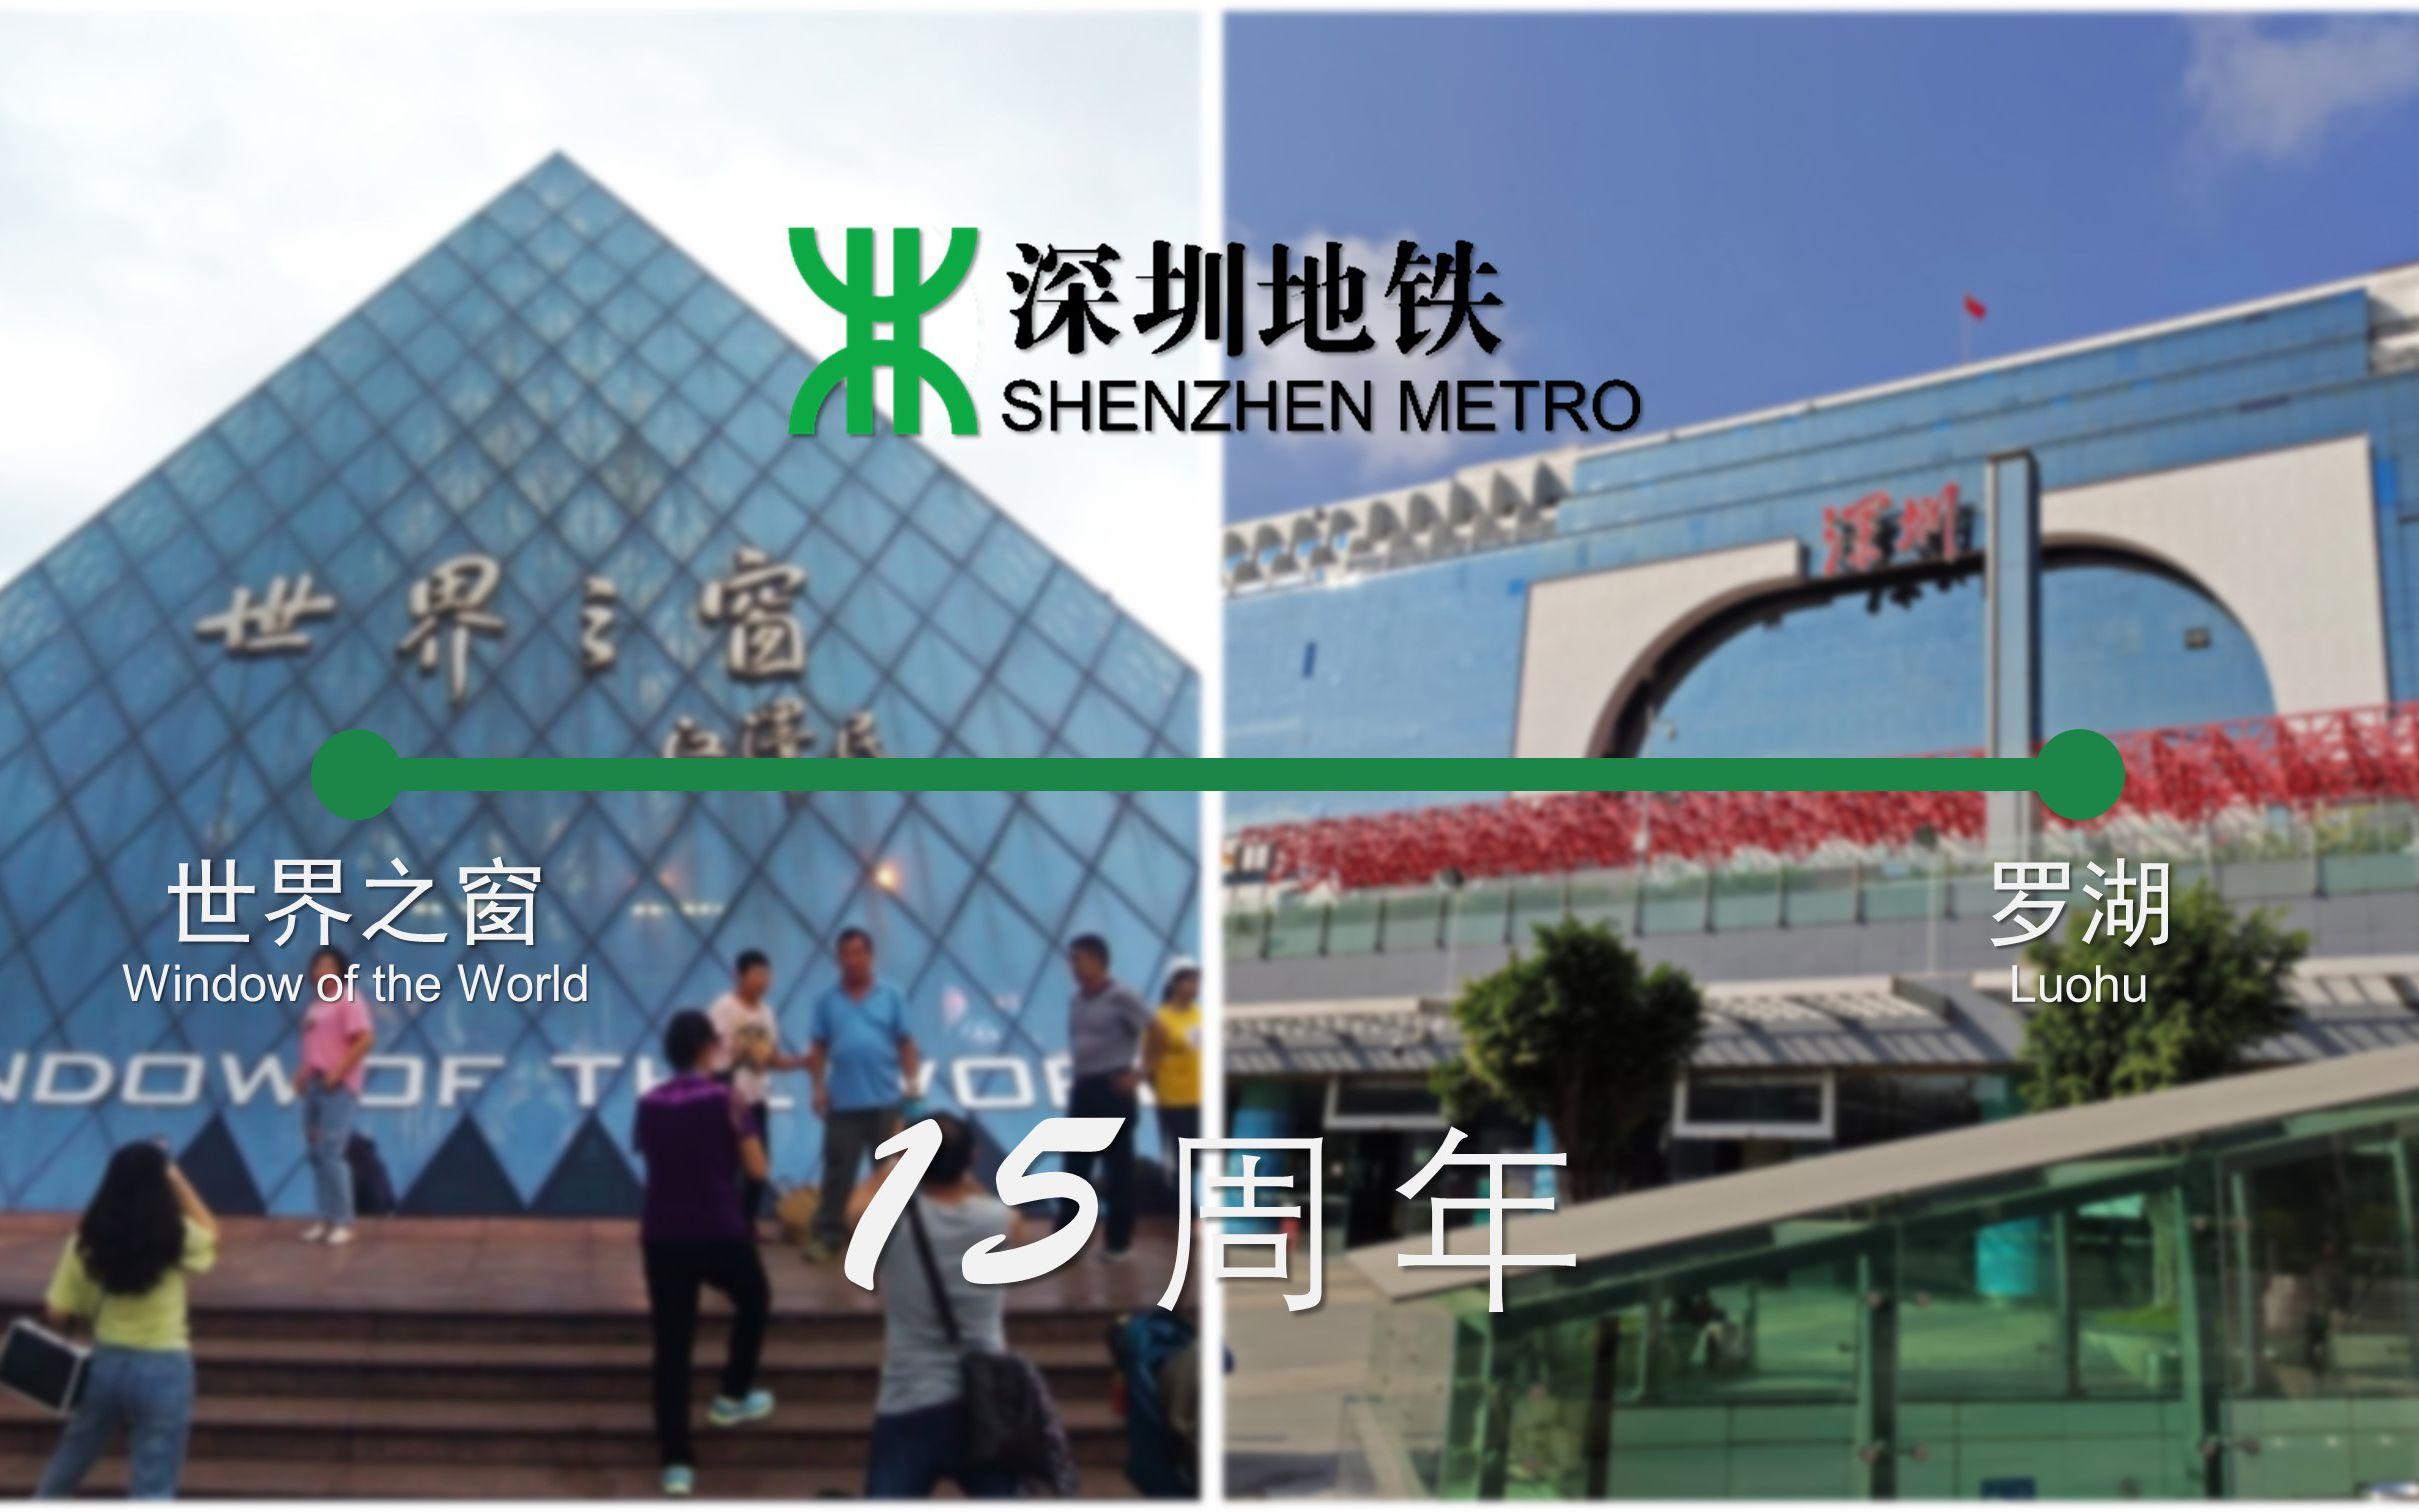 【深圳地铁15周年】1号线 世界之窗-罗湖 15站 15年